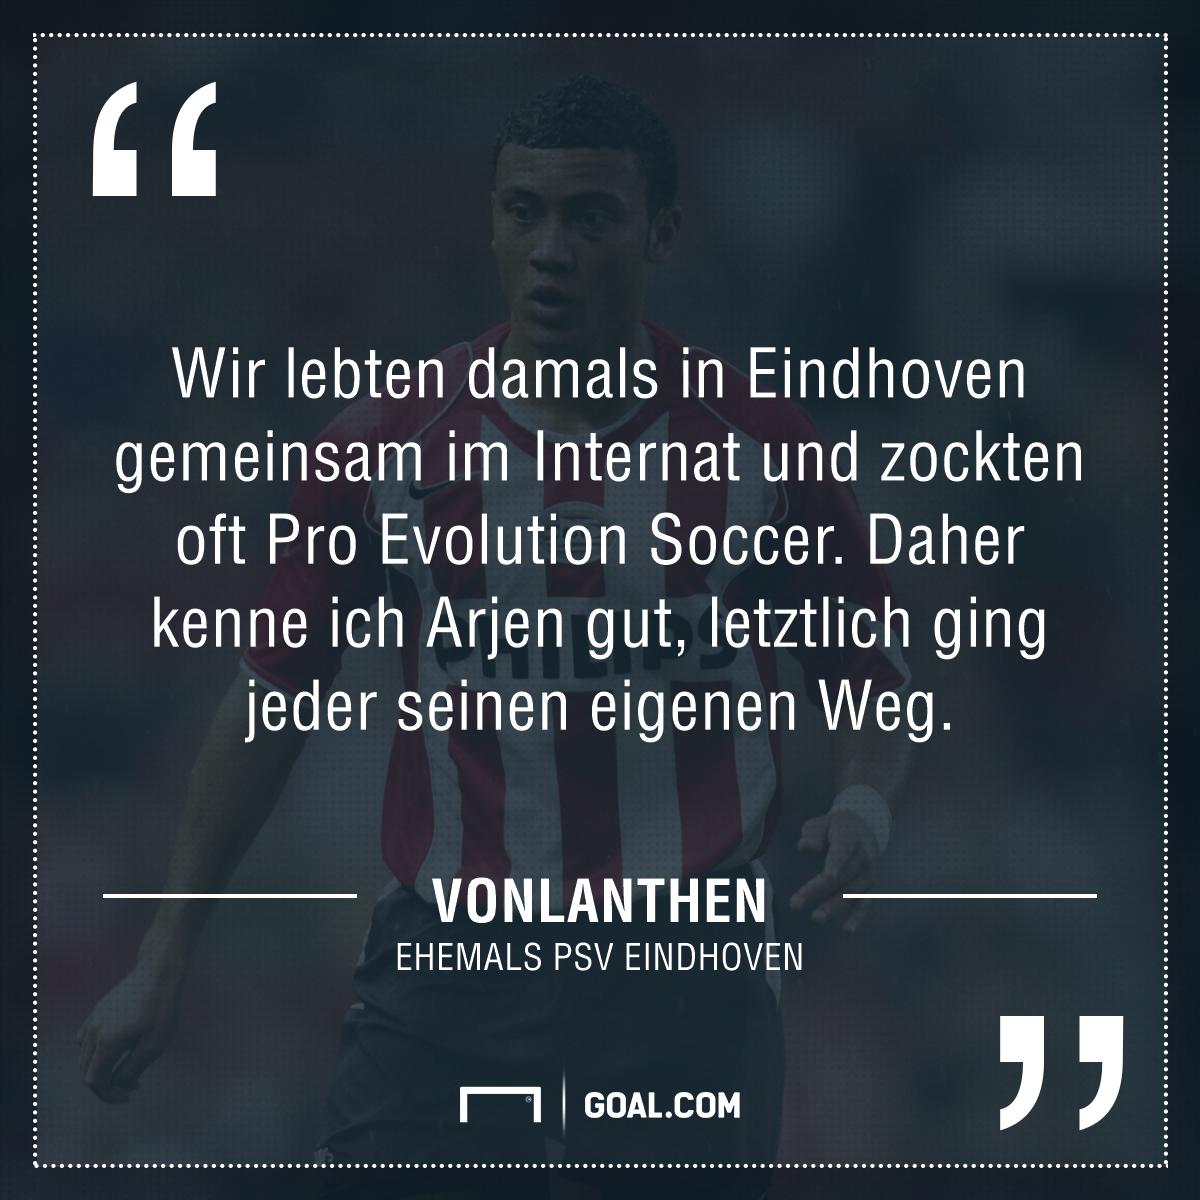 GFX Johan Vonlanthen PSV Eindhoven